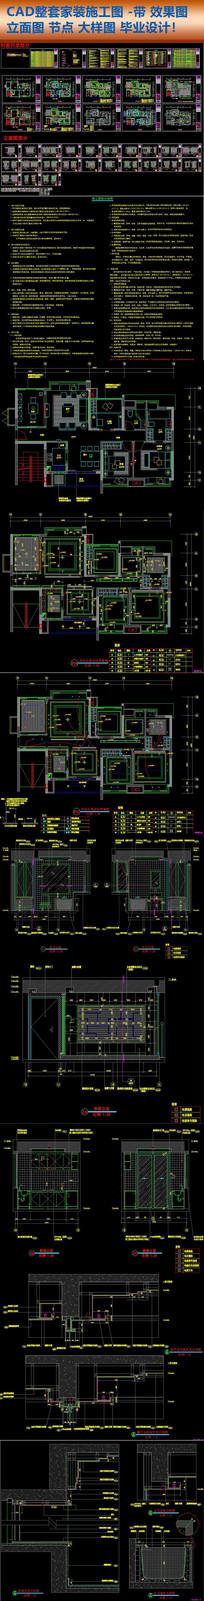 CAD整套家装施工图毕业设计节点